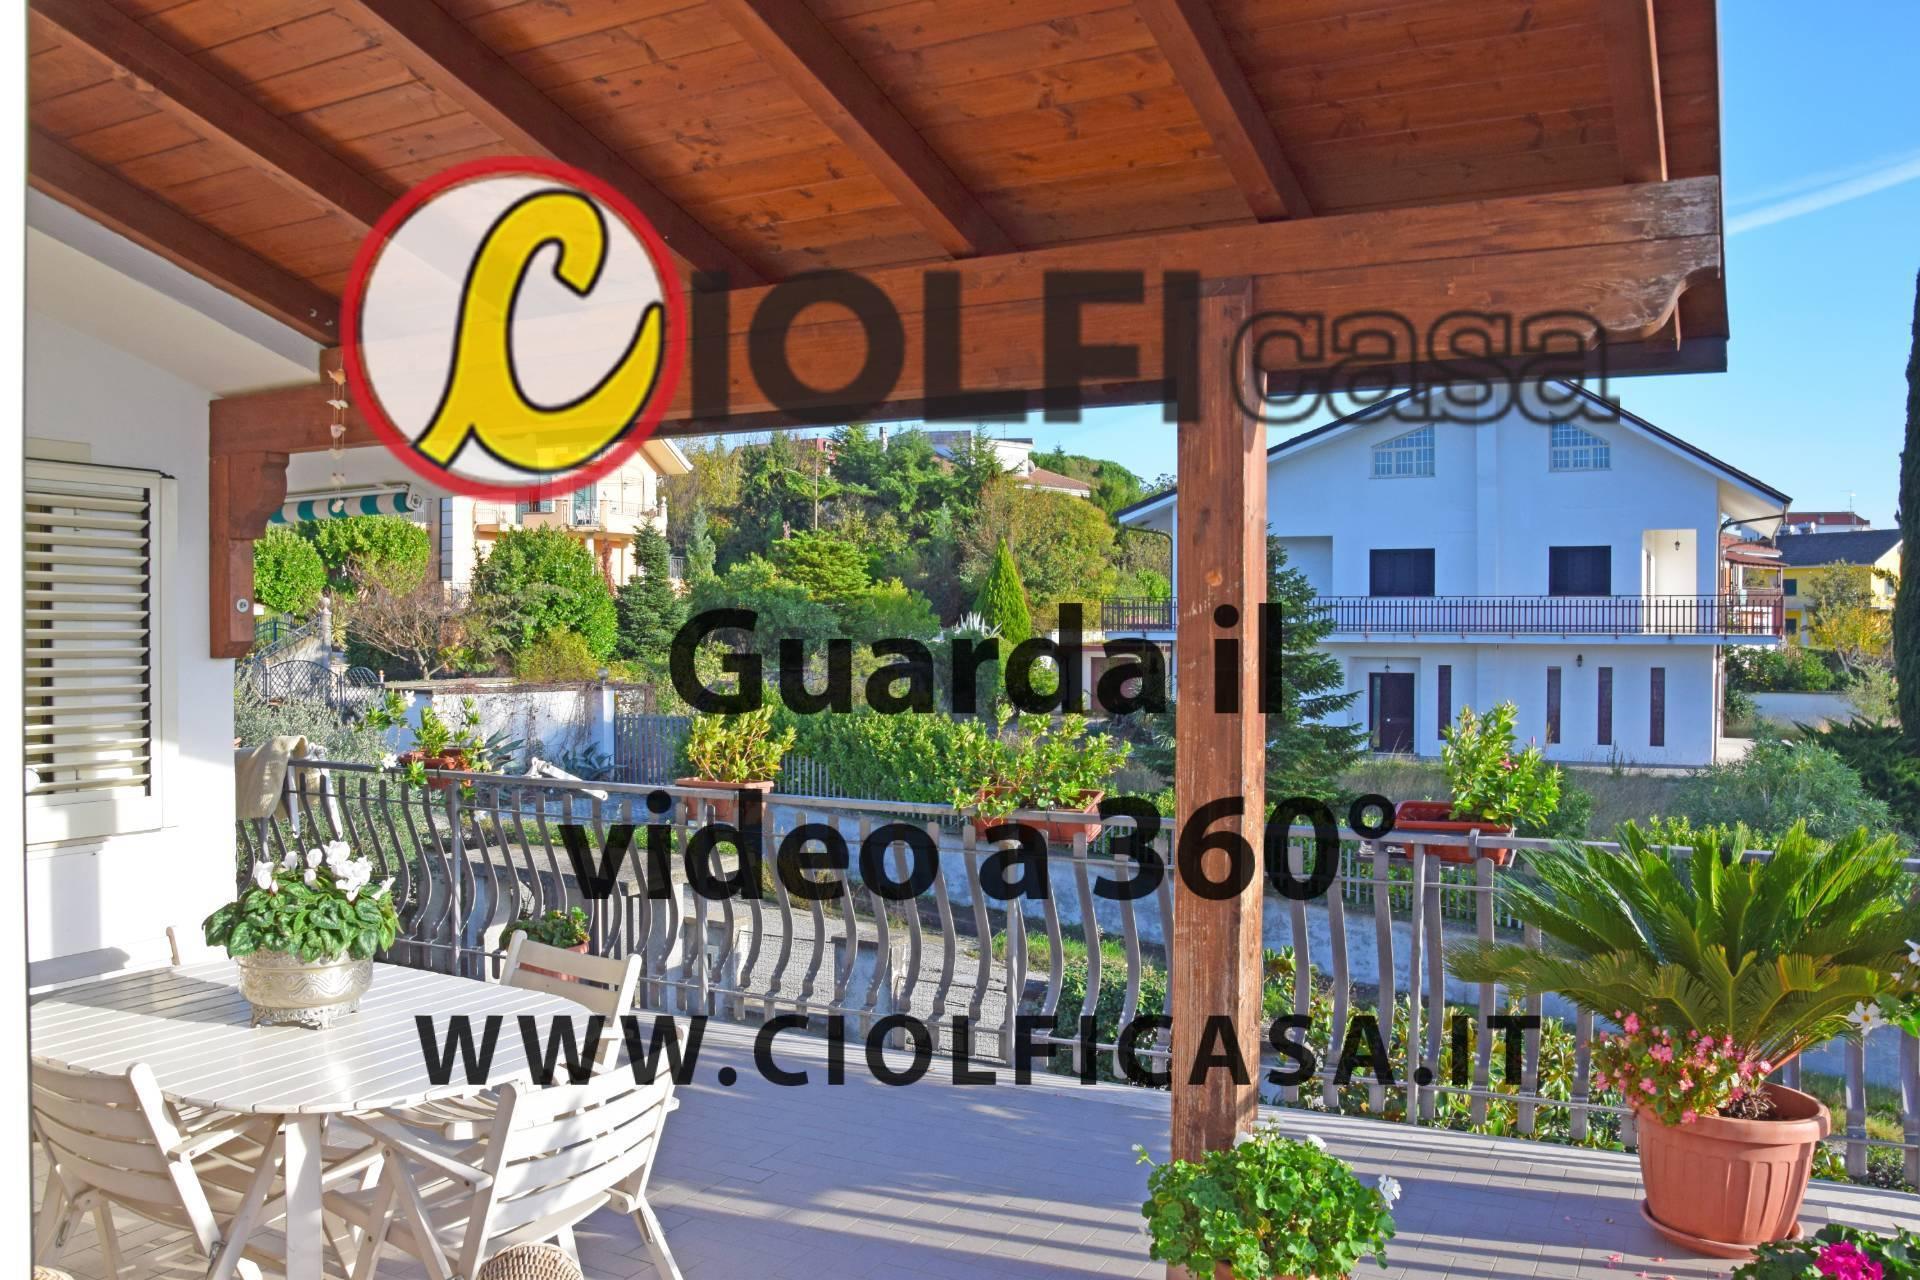 Soluzione Indipendente in vendita a Cervaro, 21 locali, zona Zona: Pastenelle, prezzo € 350.000 | CambioCasa.it